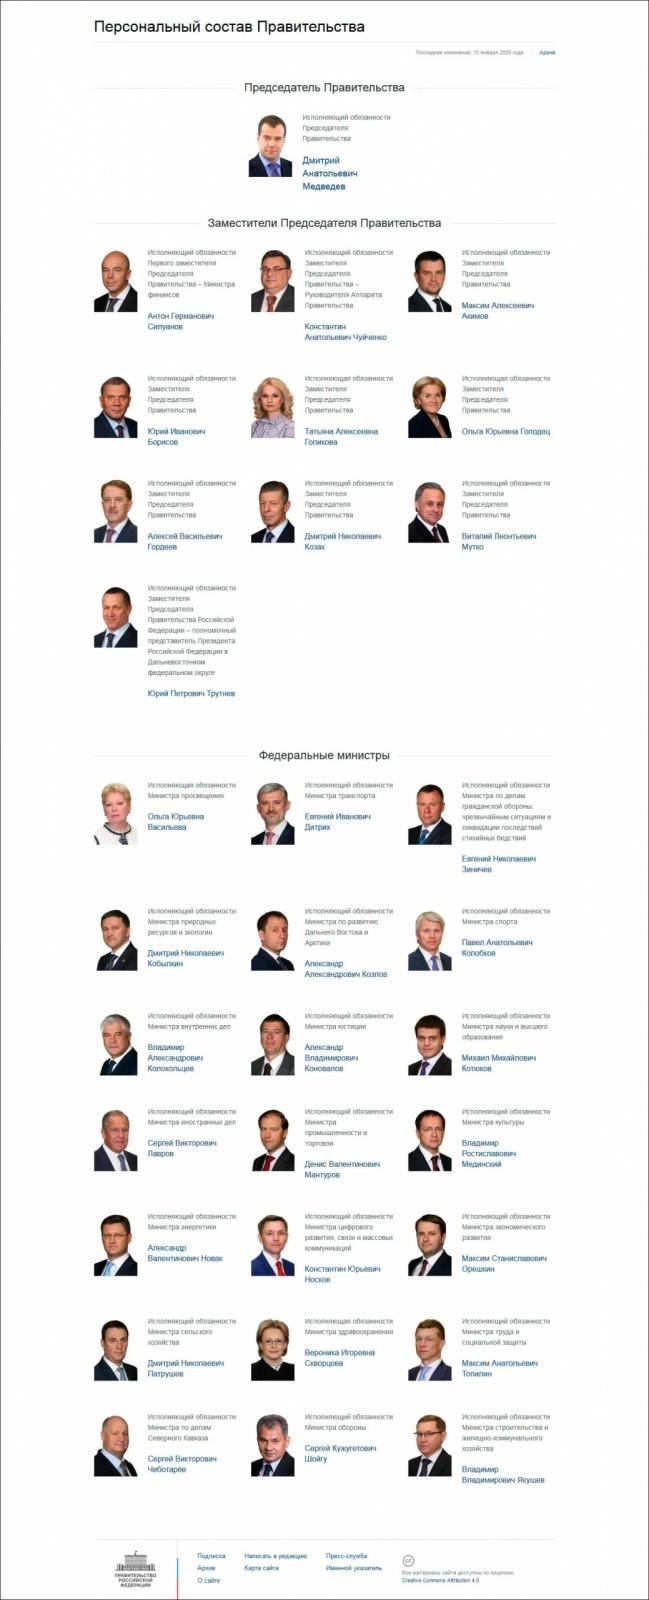 Президент внёс кандидатуру Михаила Мишустина на должность председателя правительства